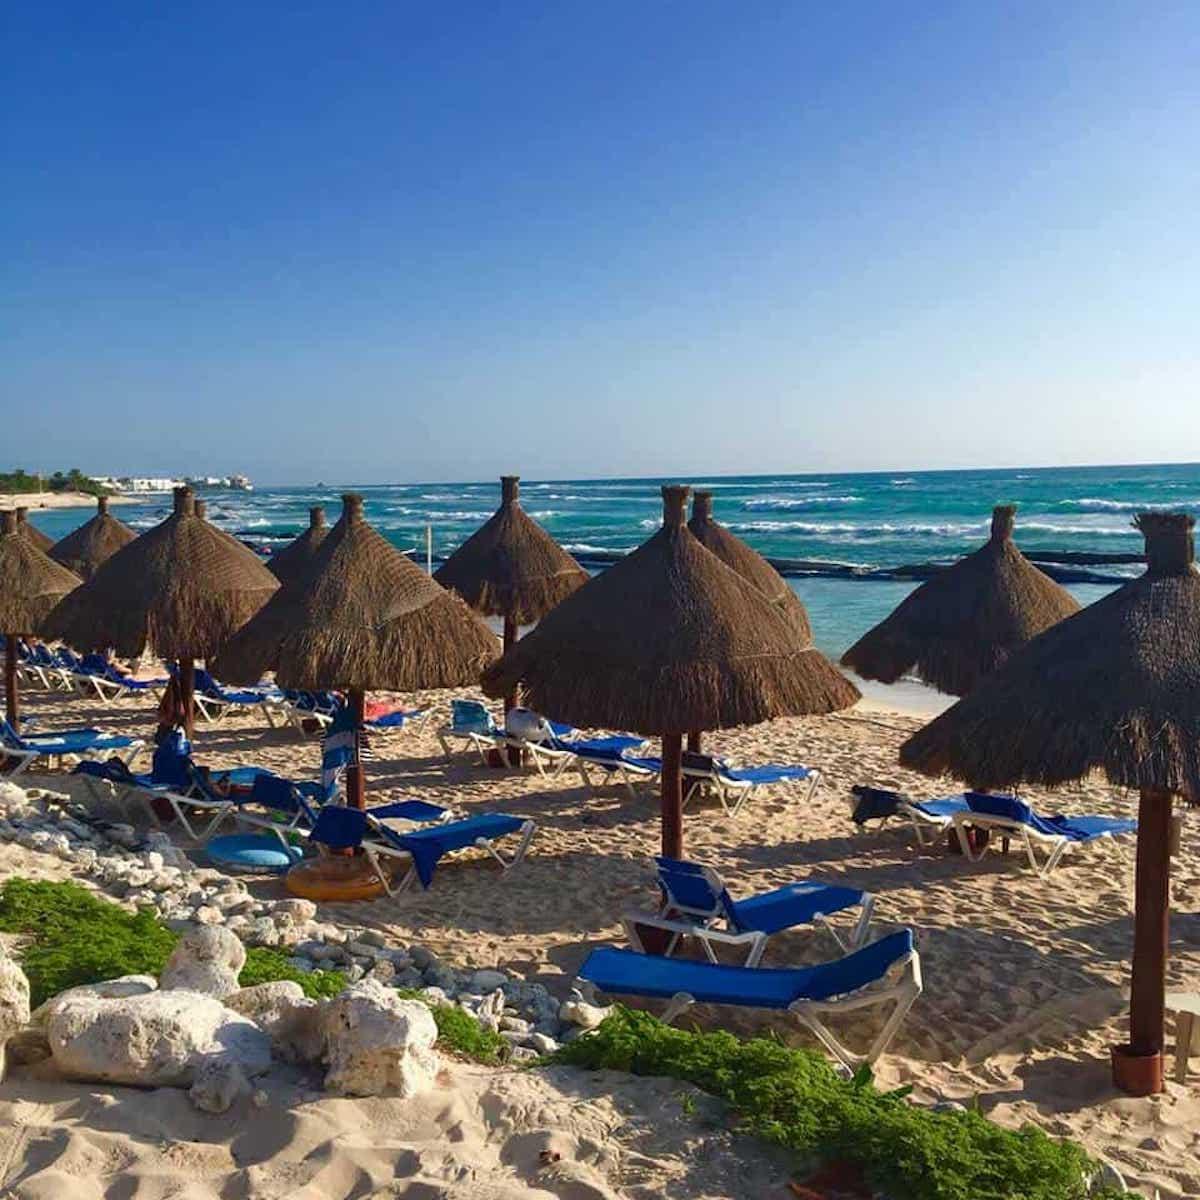 Grand Bahia Principe Coba beach